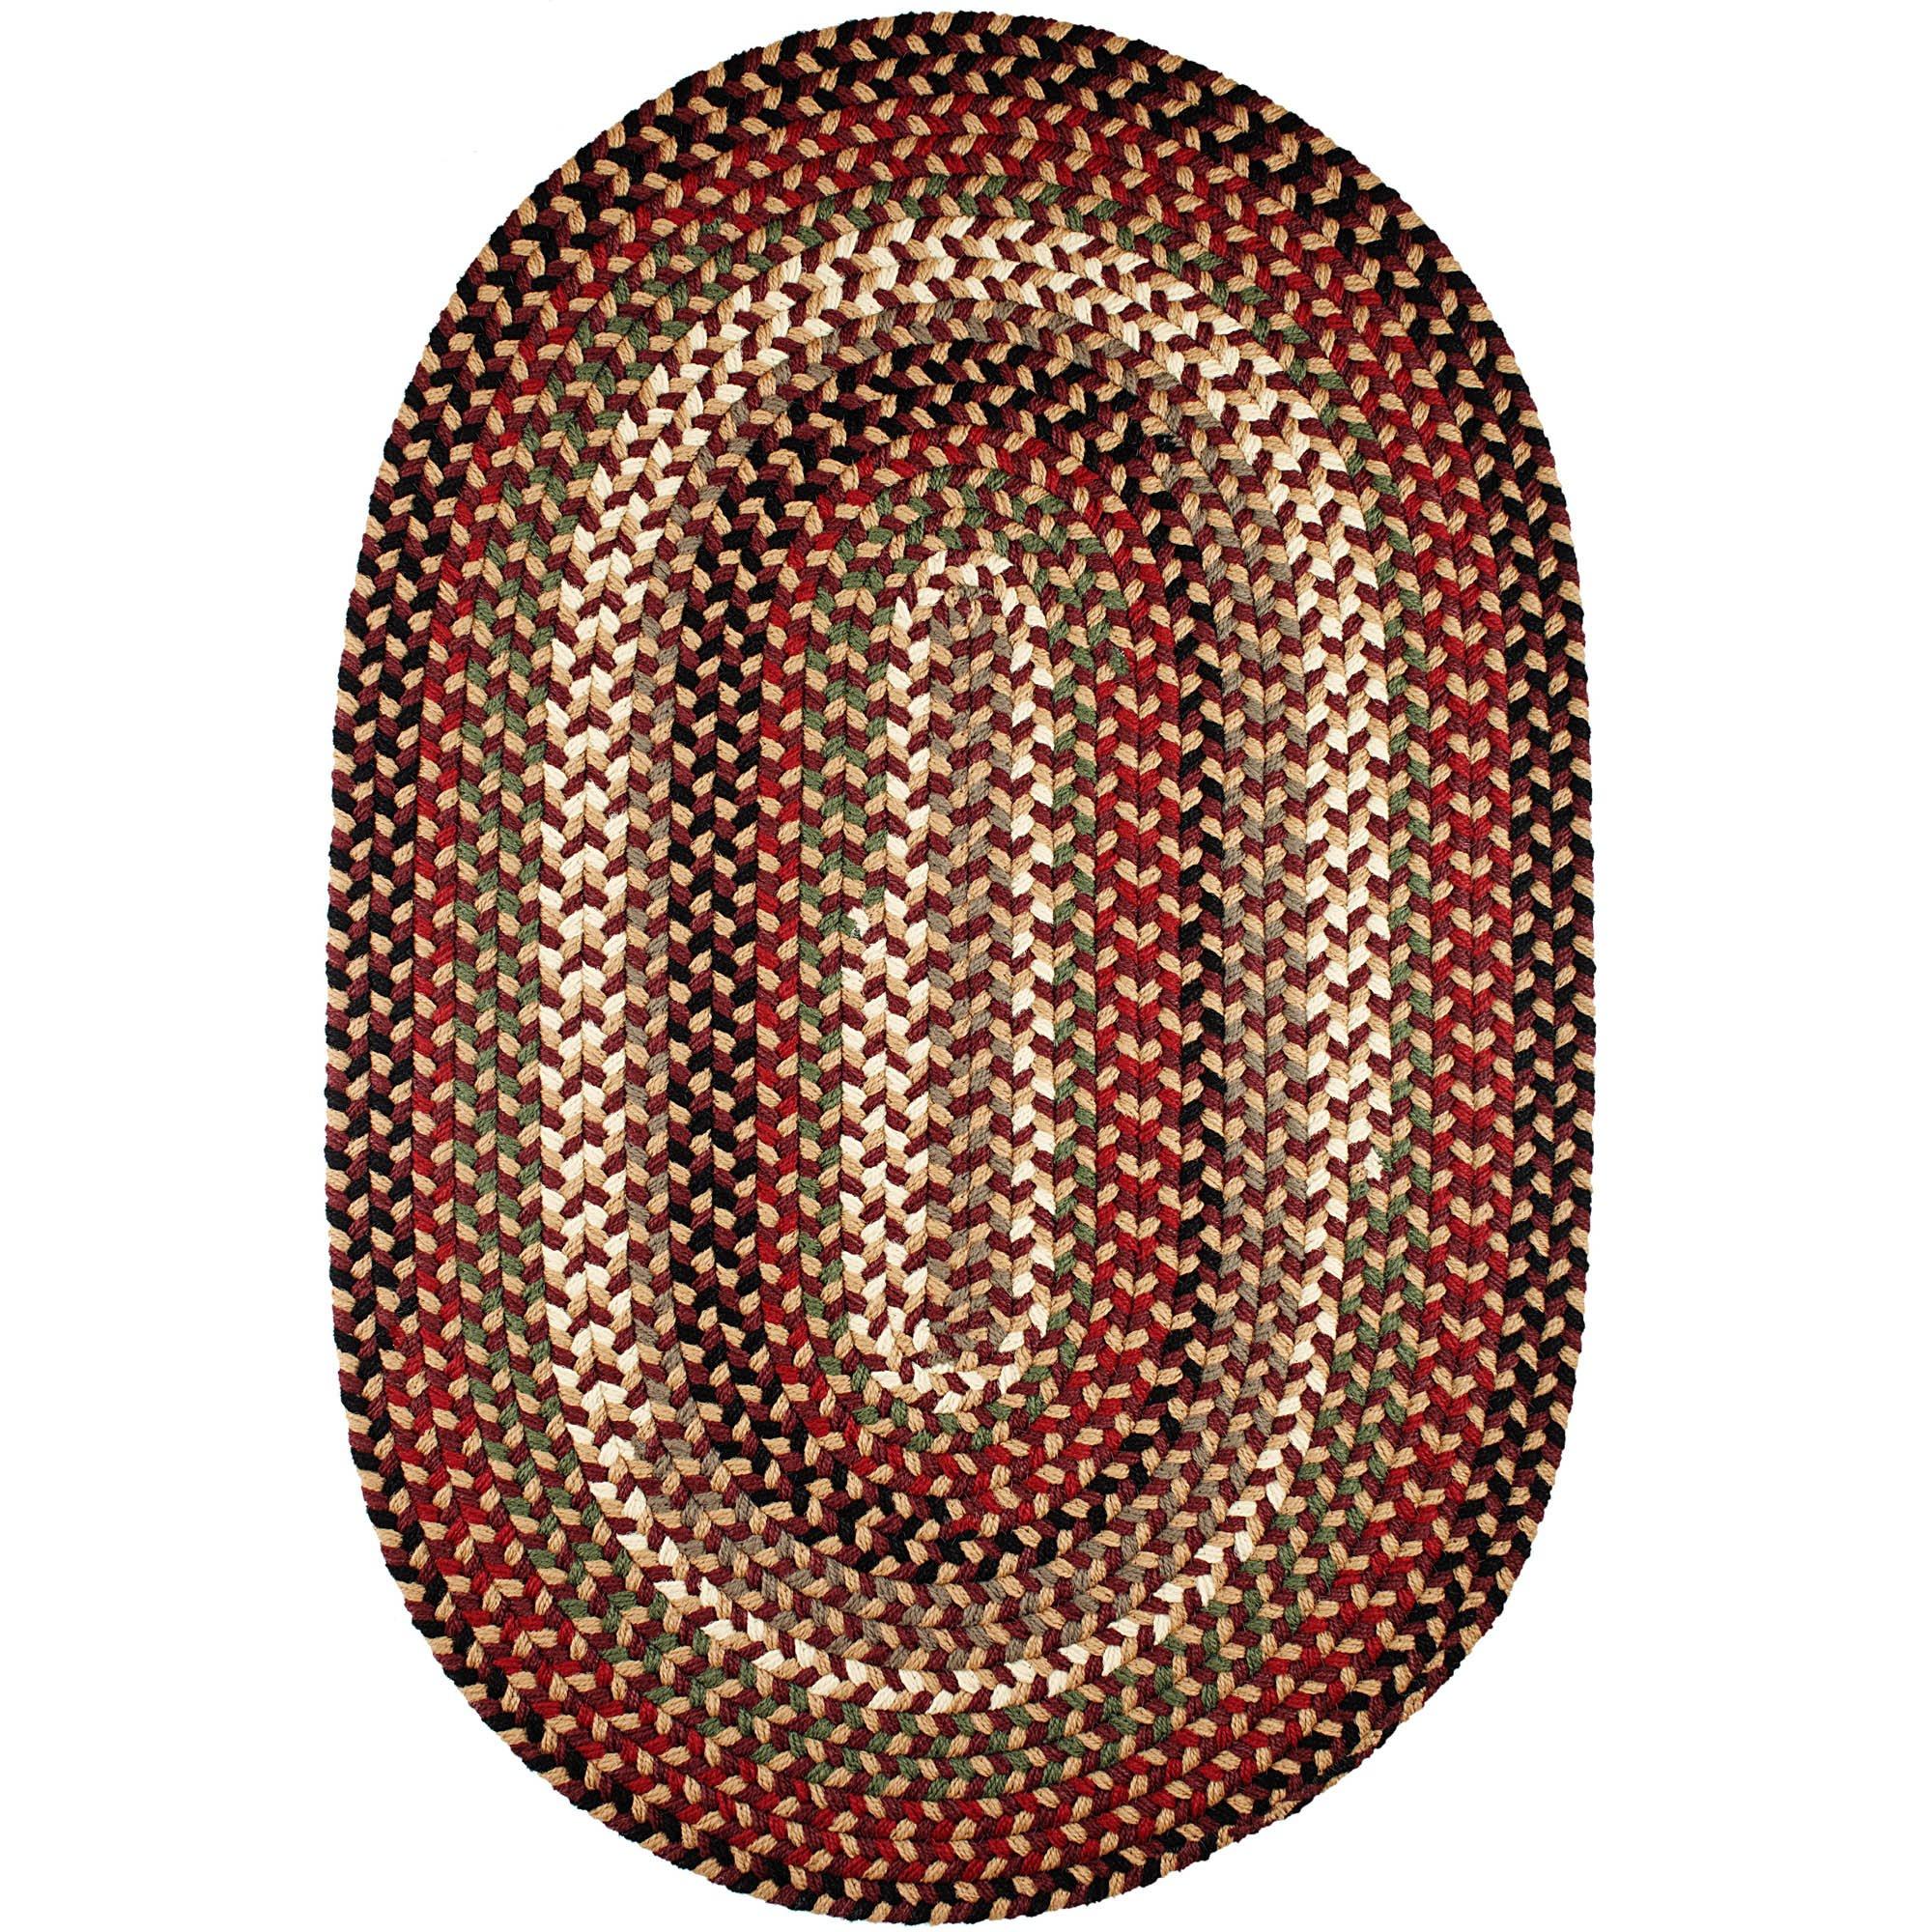 Washable Rugs On Amazon: Braided Area Rugs: Amazon.com